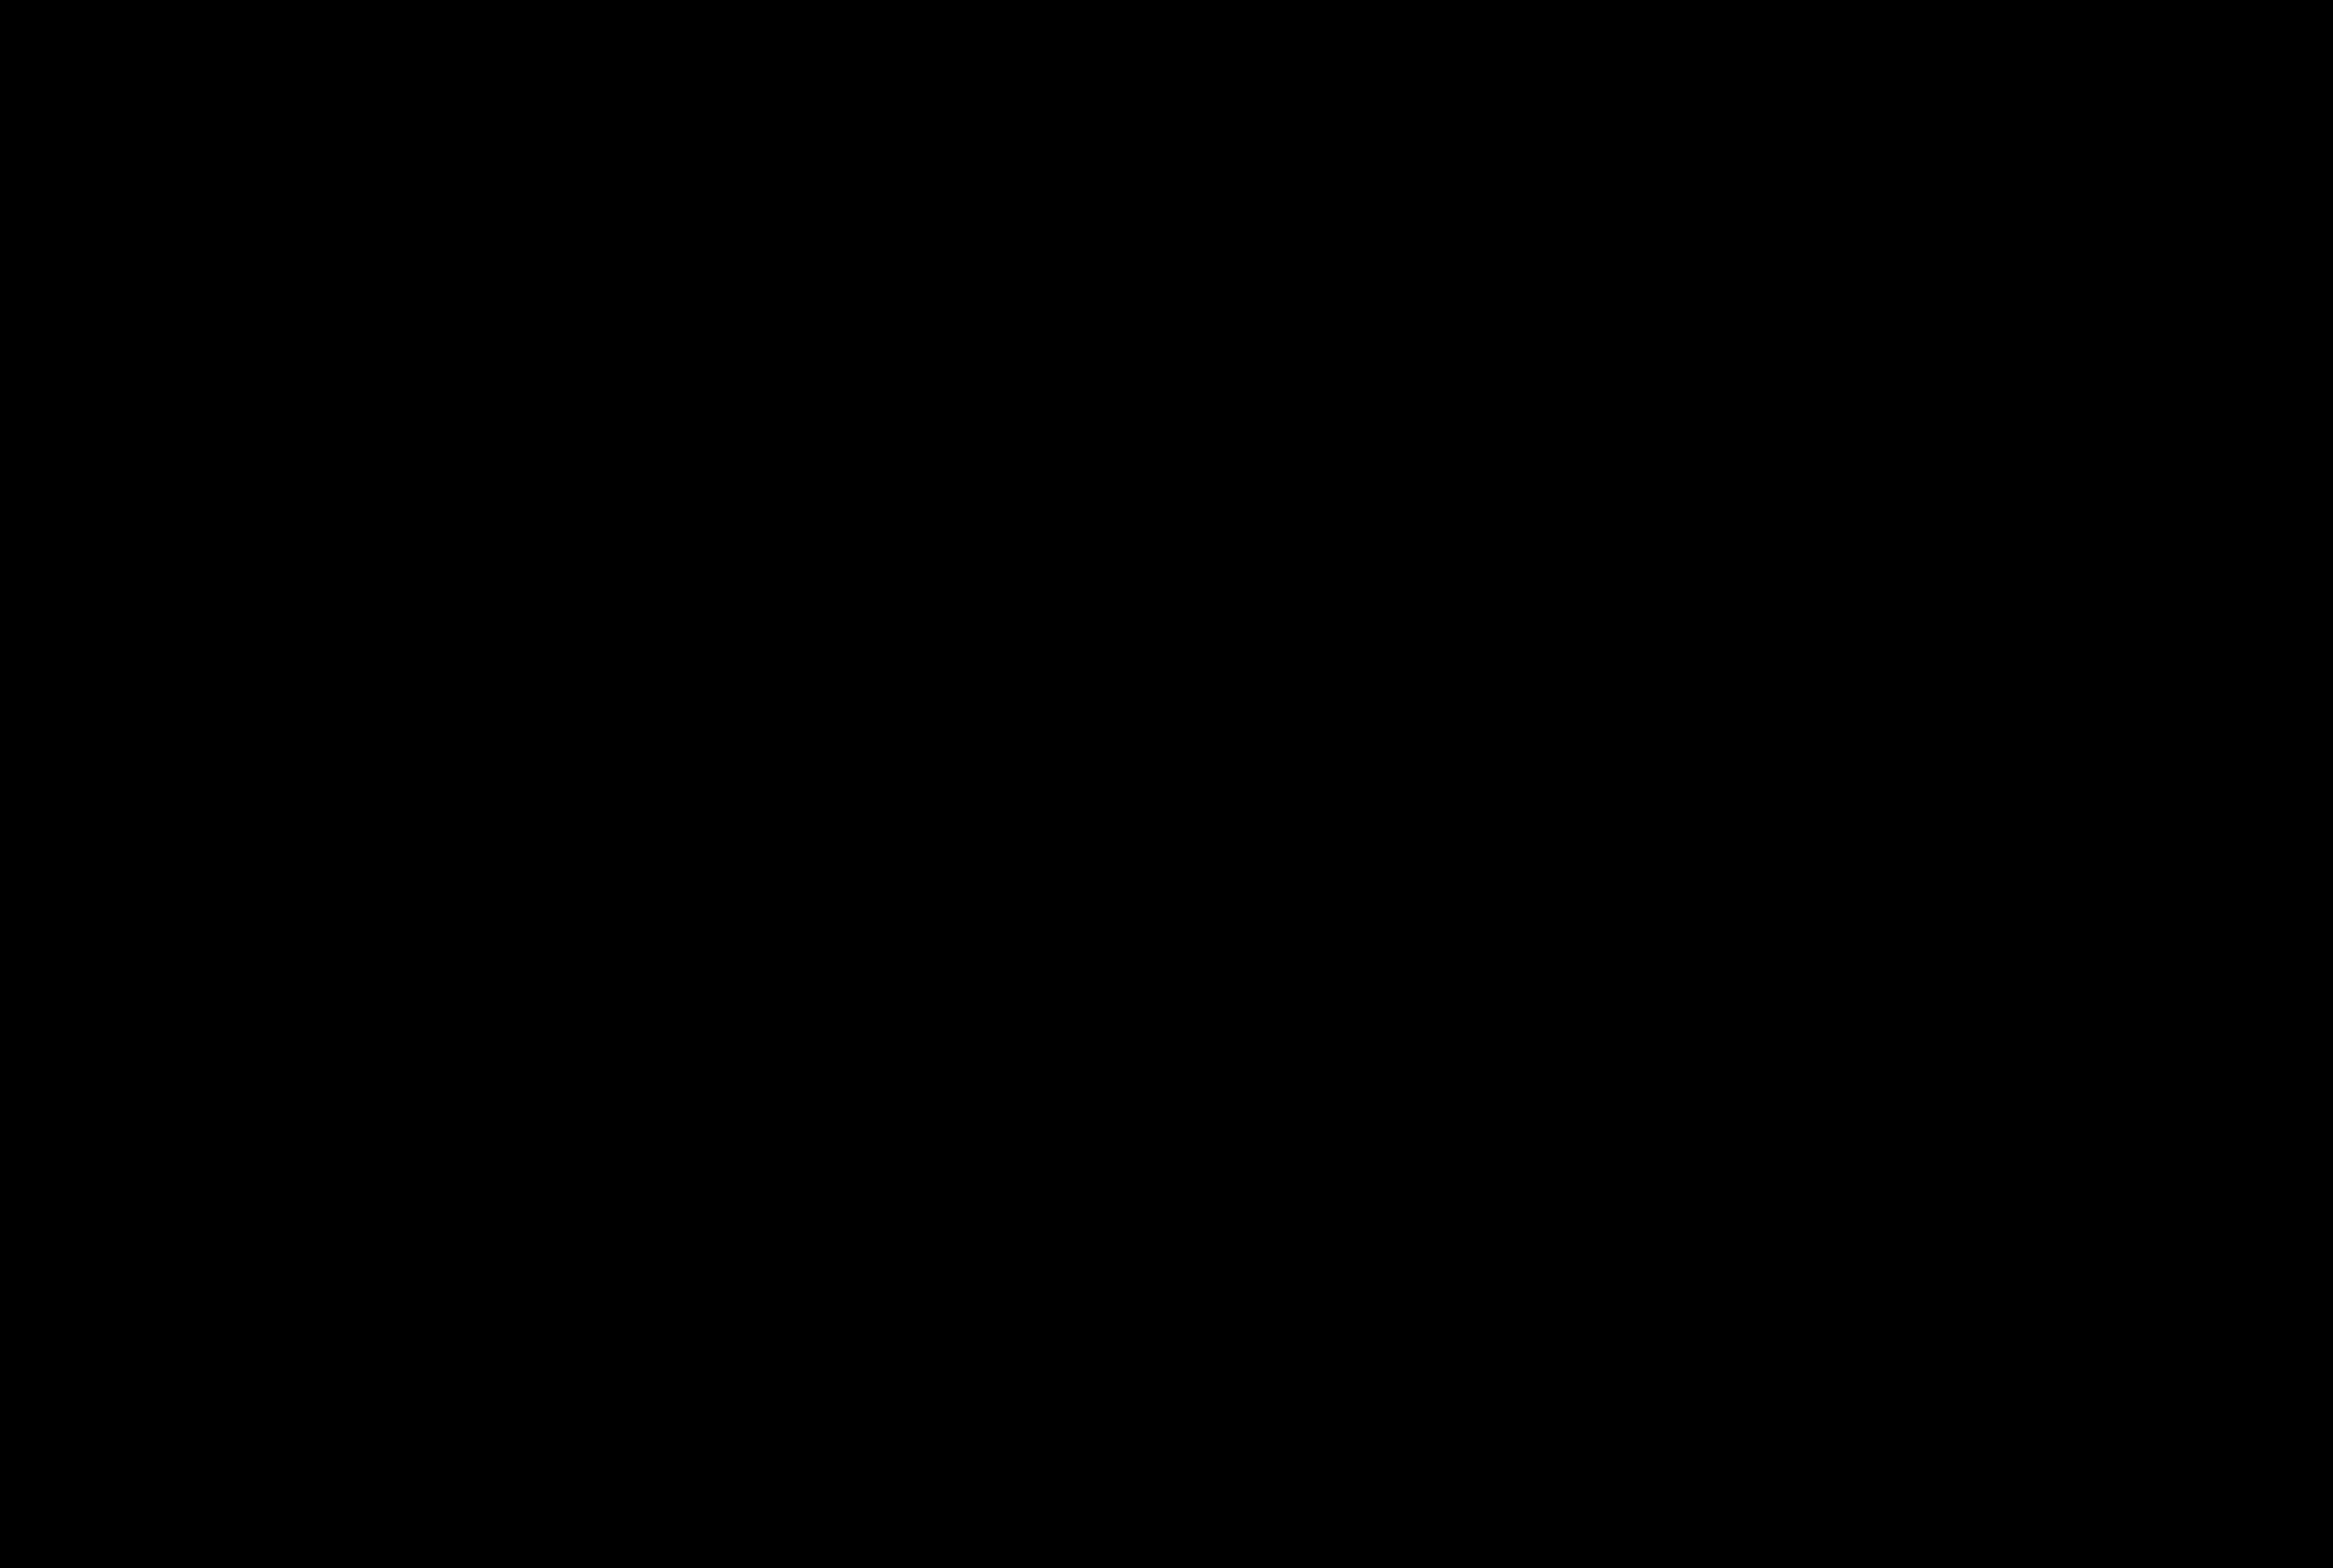 ÂMBAR ORIGINAL - COLARES, PULSEIRAS E TORNOZELEIRAS DE ÂMBAR BÁLTICO AUTÊNTICOS